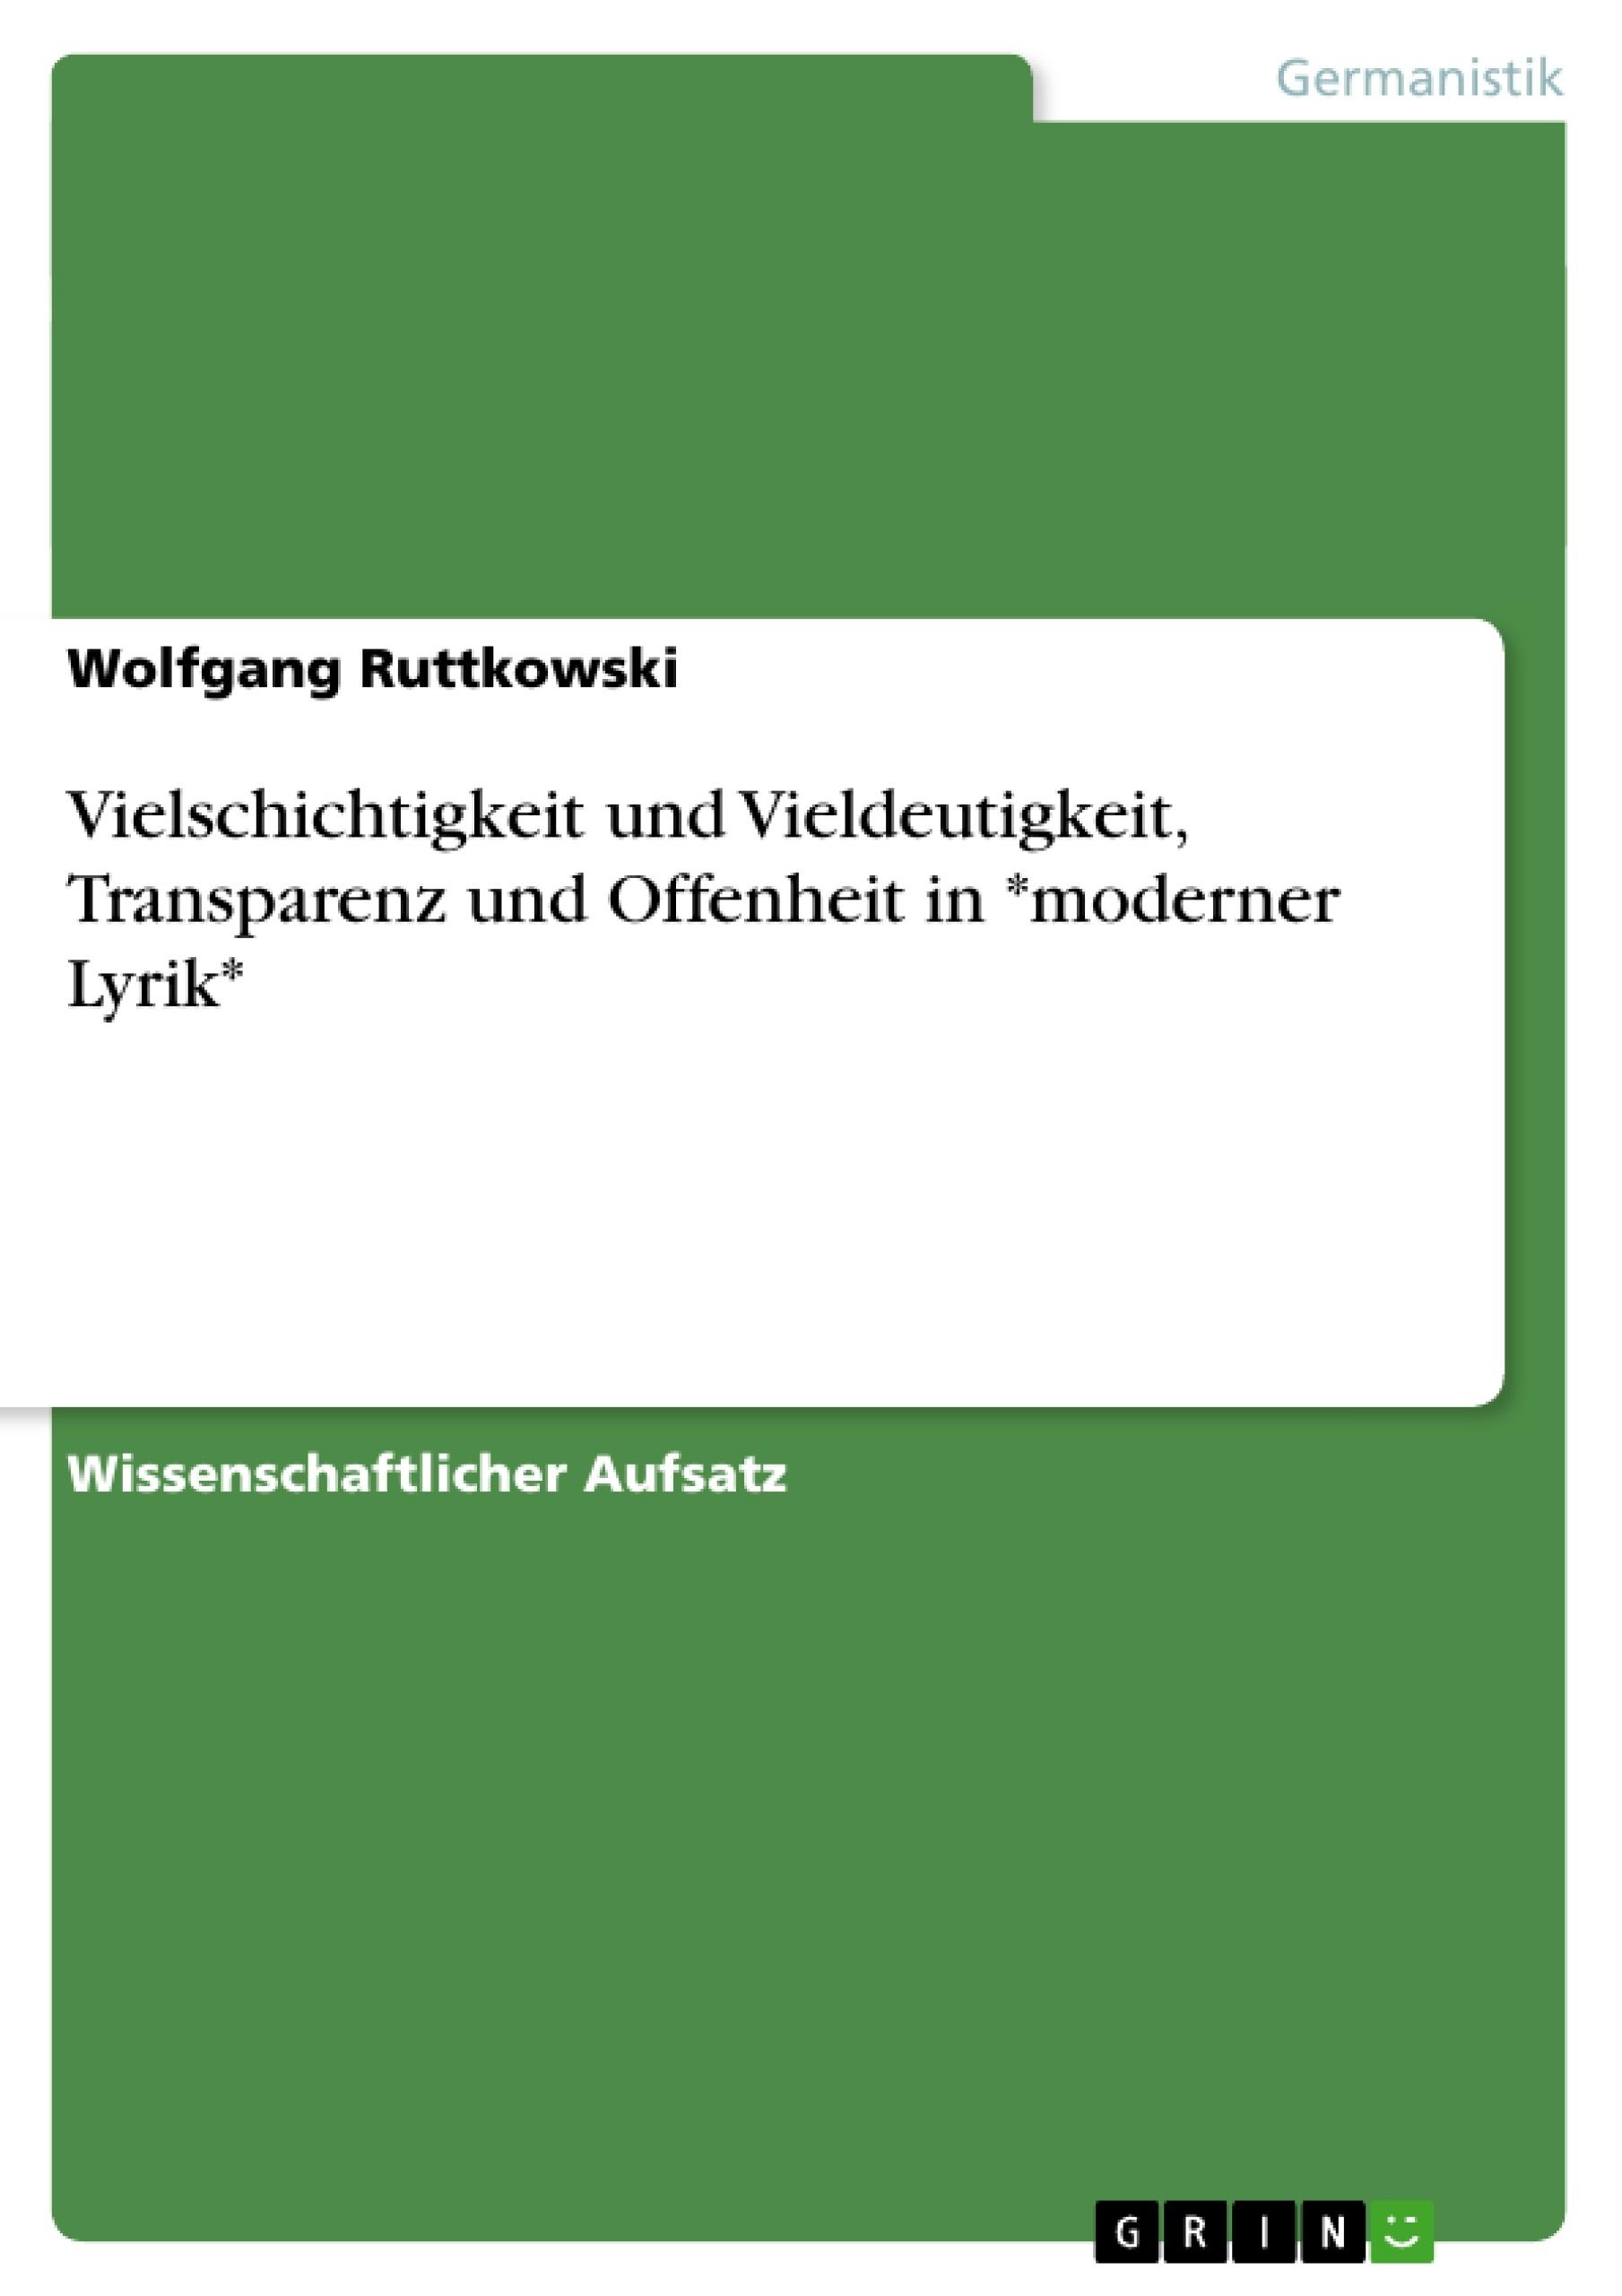 Titel: Vielschichtigkeit und Vieldeutigkeit, Transparenz und Offenheit in *moderner Lyrik*